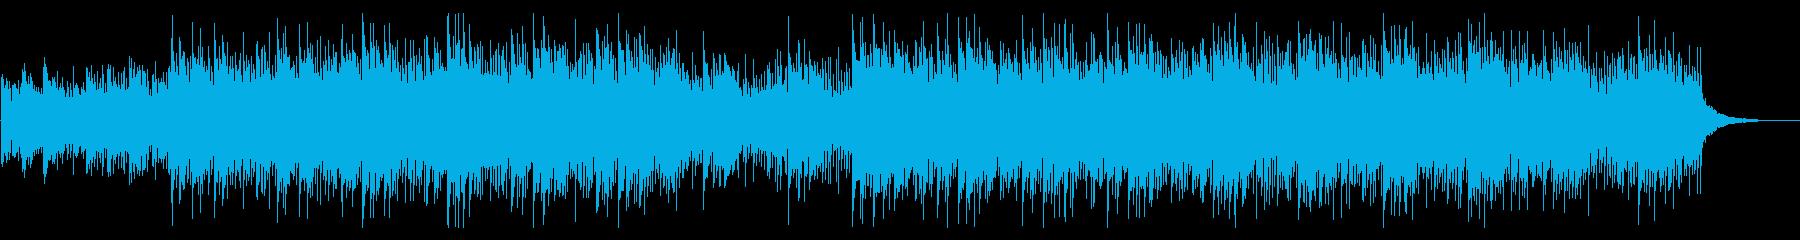 クールな雰囲気のアンビエントEDMの再生済みの波形